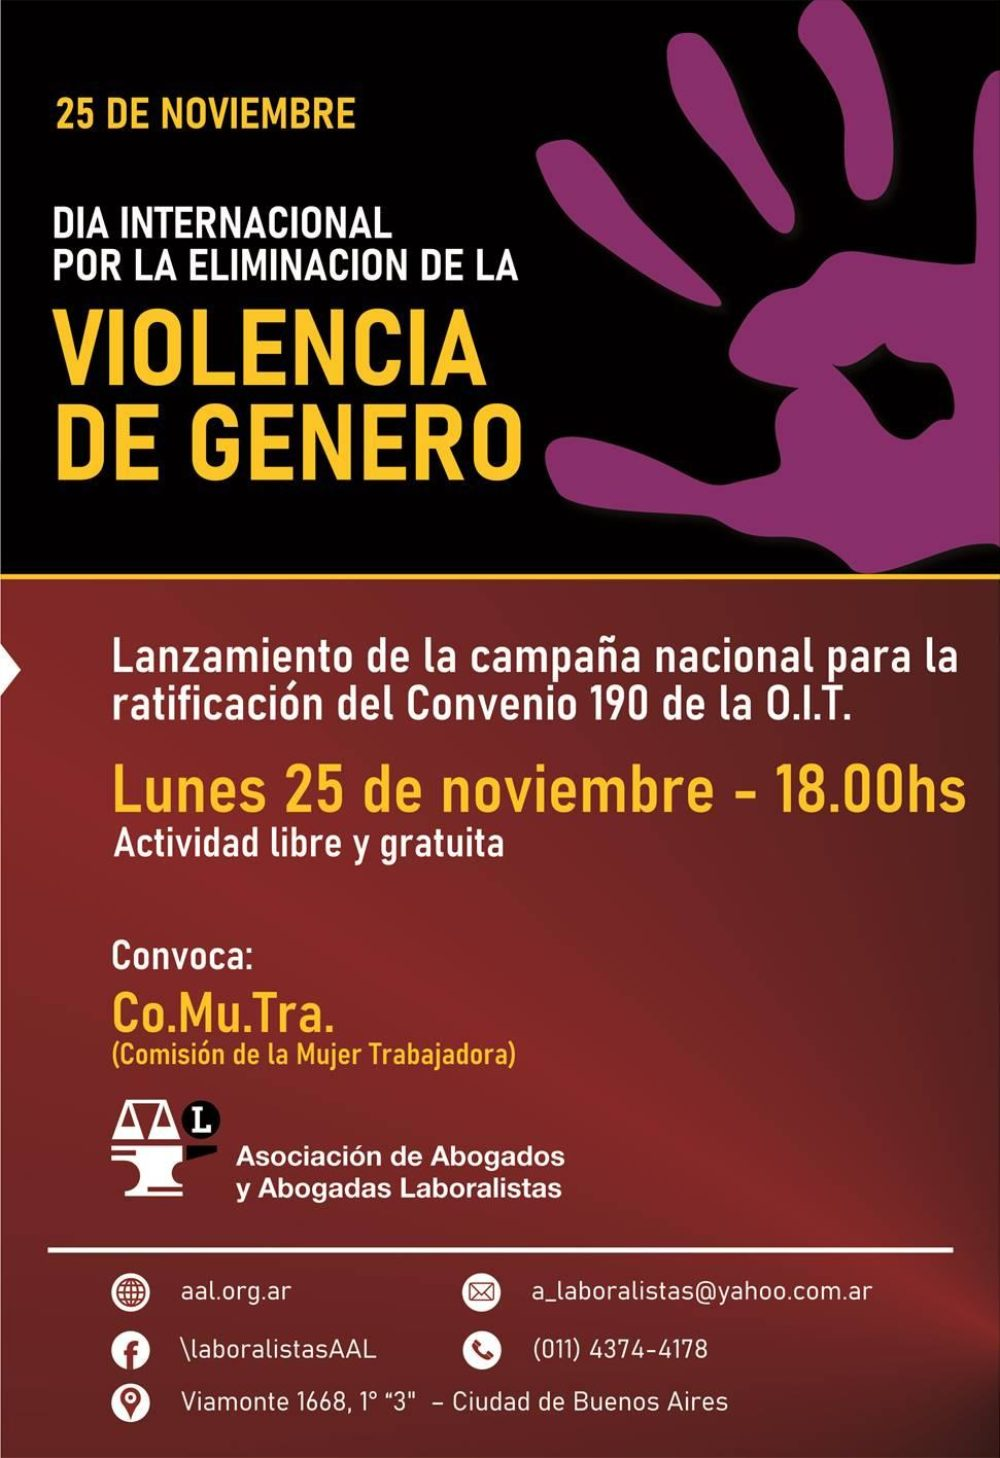 Campaña por la ratificación del Convenio 190